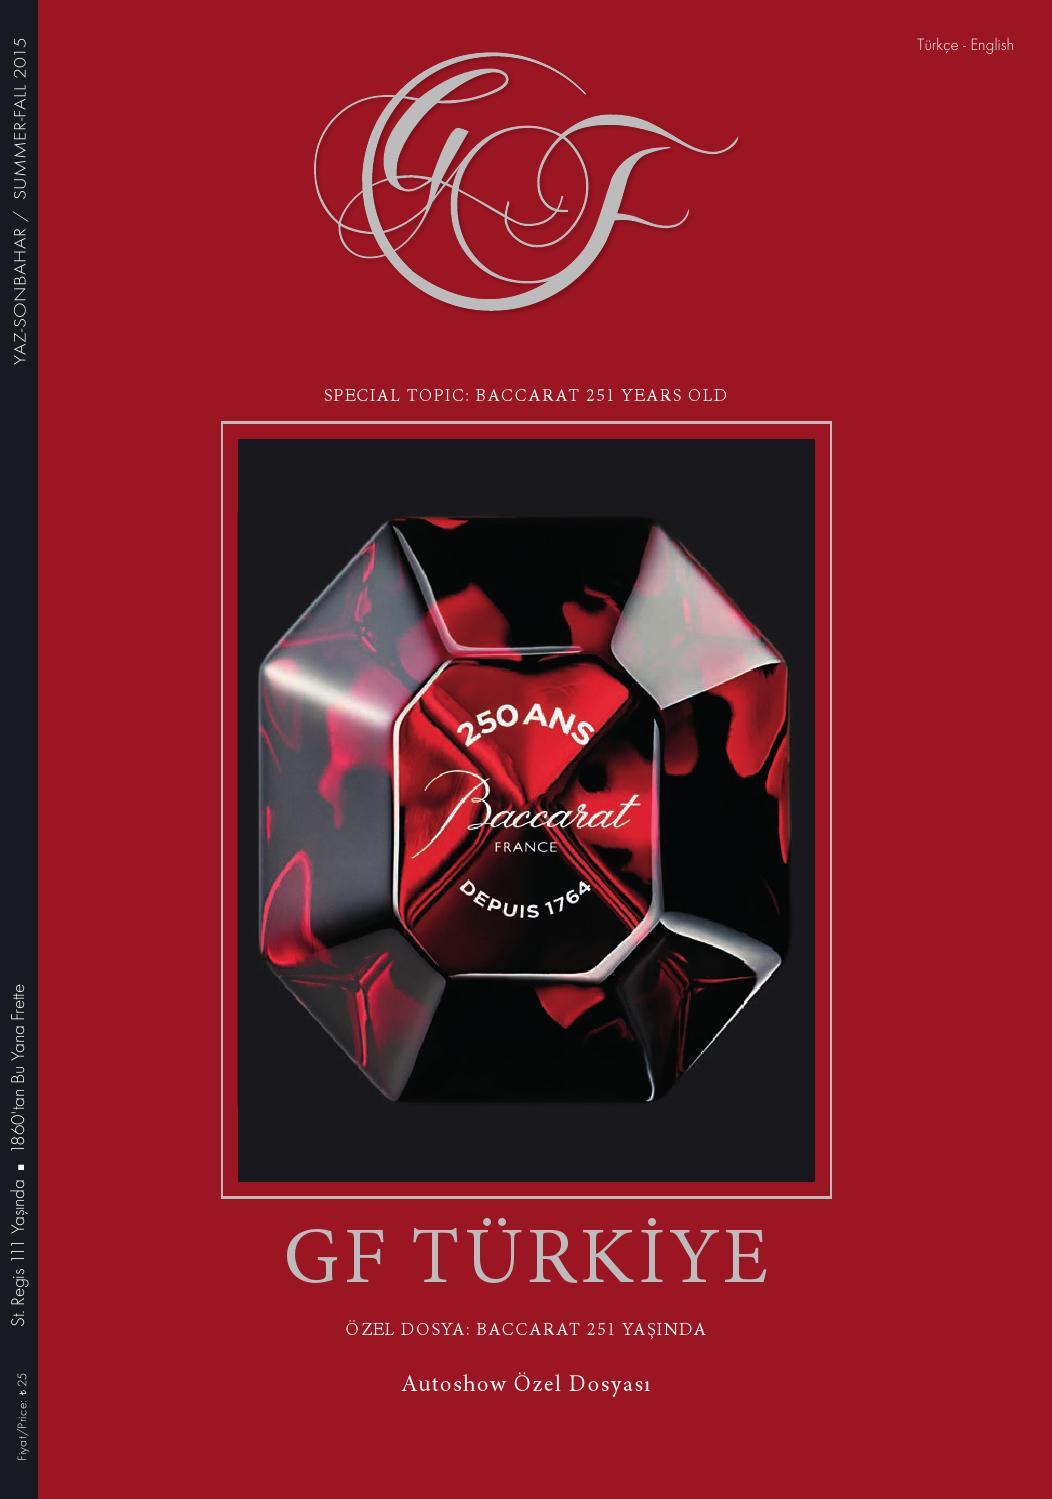 Gf Edition Turkiye For Connaisseurs Summerfall 2015 By Gf Luxury